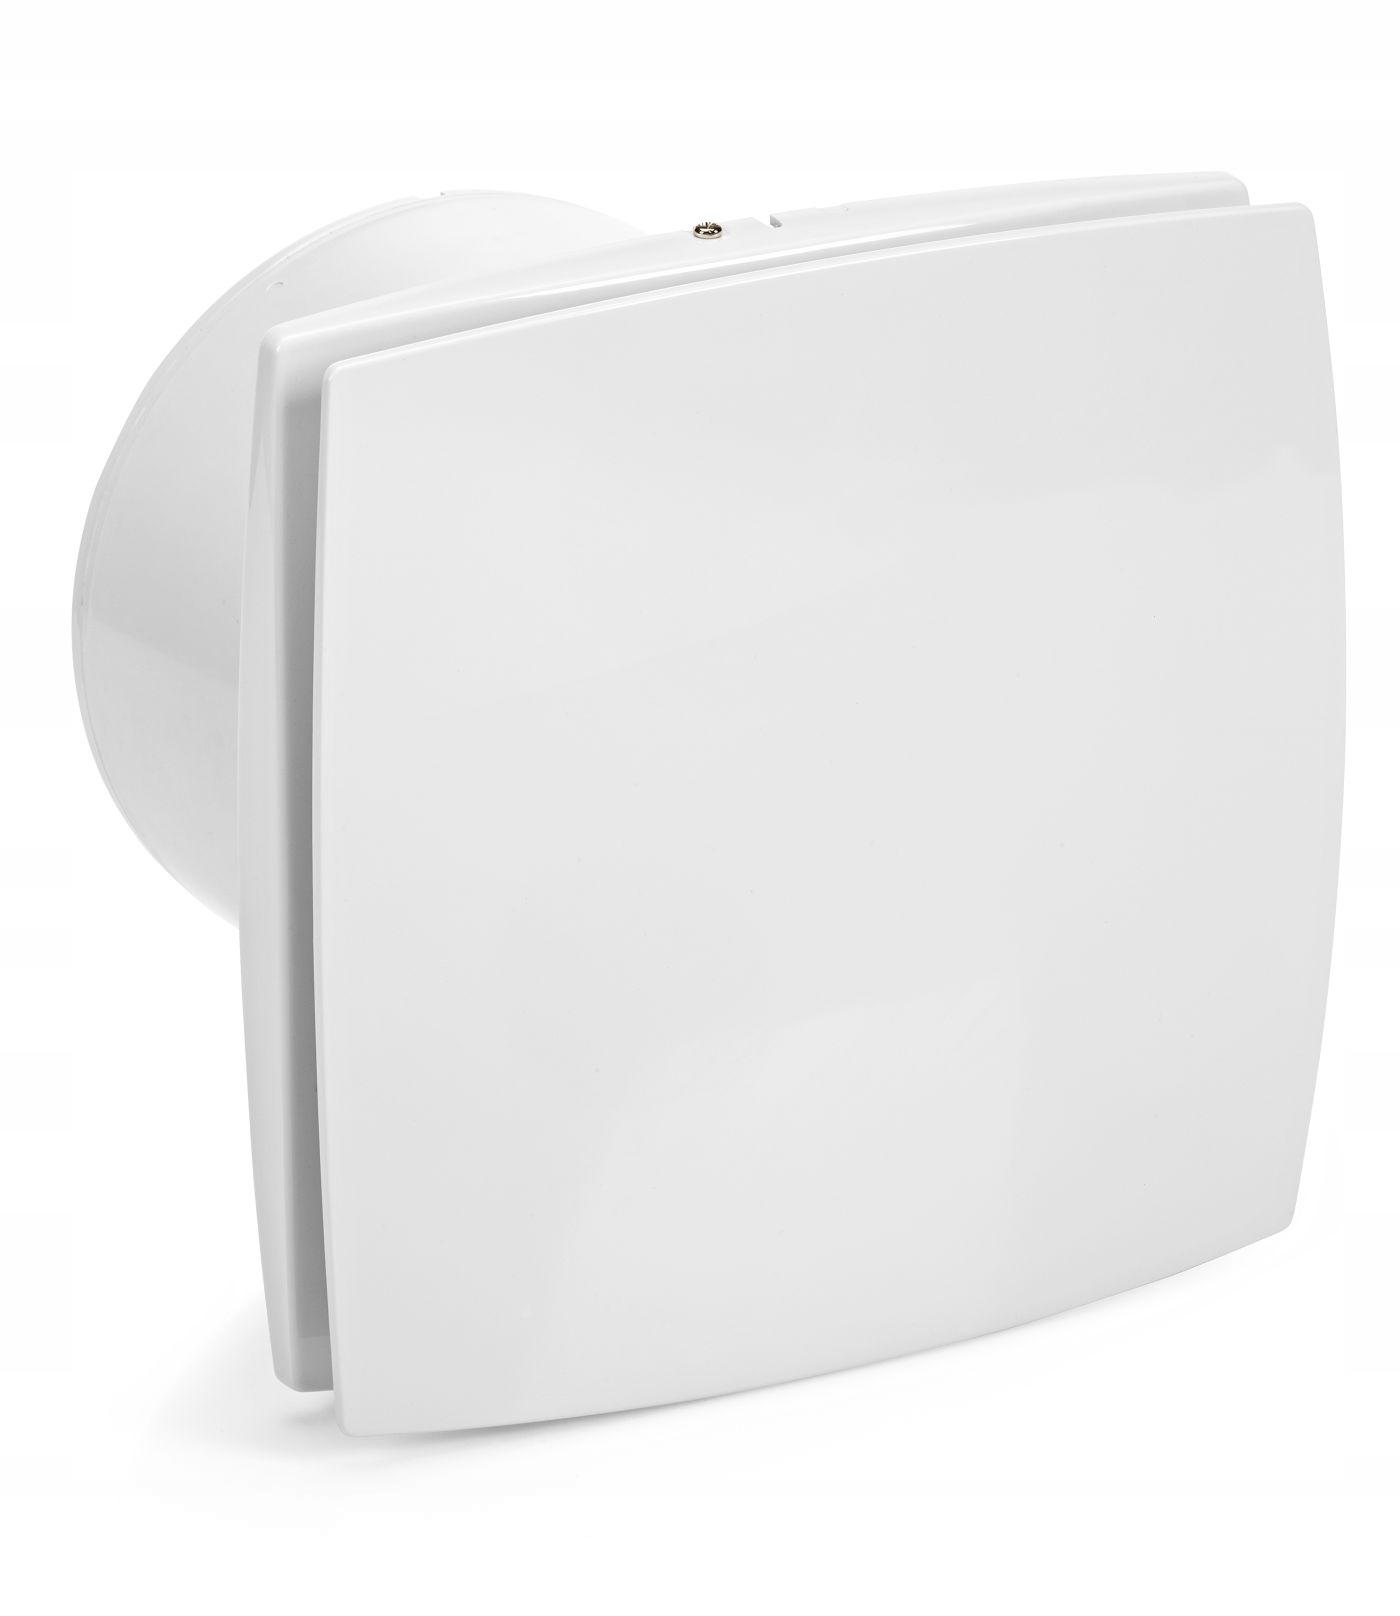 LFS150 - Wentylator łazienkowy 150 mm